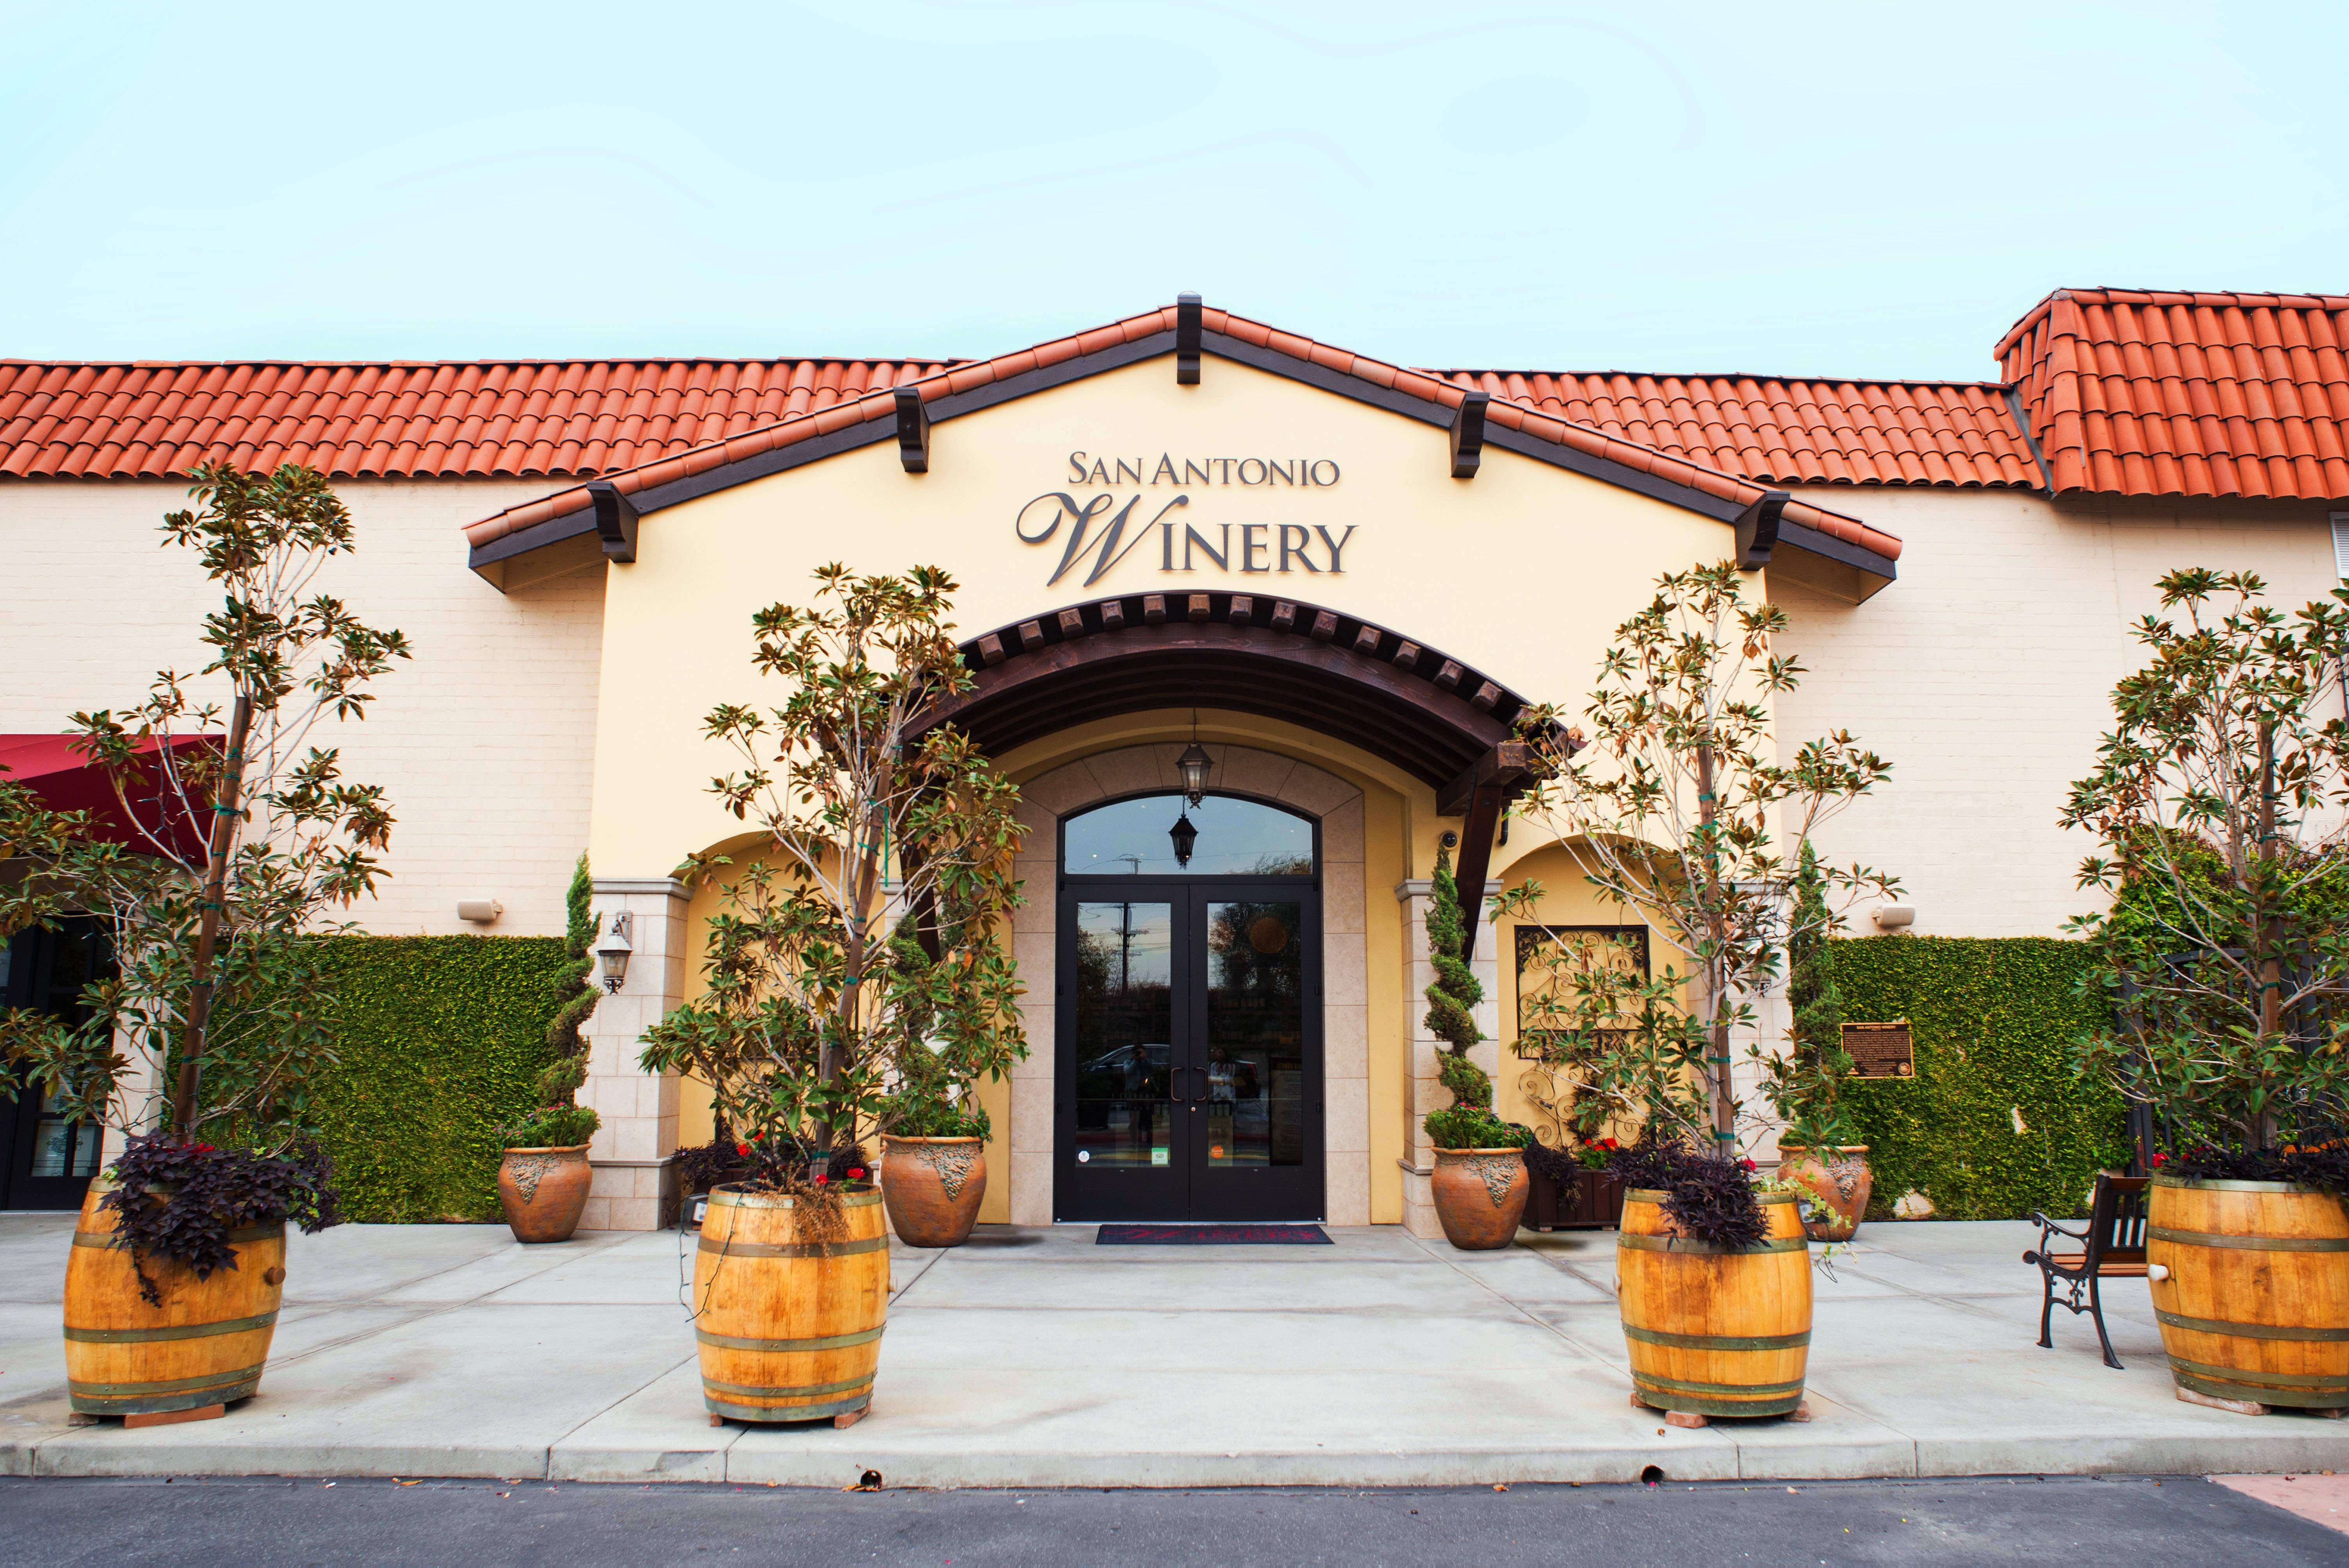 サンアントニオ・ワイナリーの入り口。建物すべてがロサンゼルスの歴史的建造物に認定されている Courtesy of San Antonio Winery